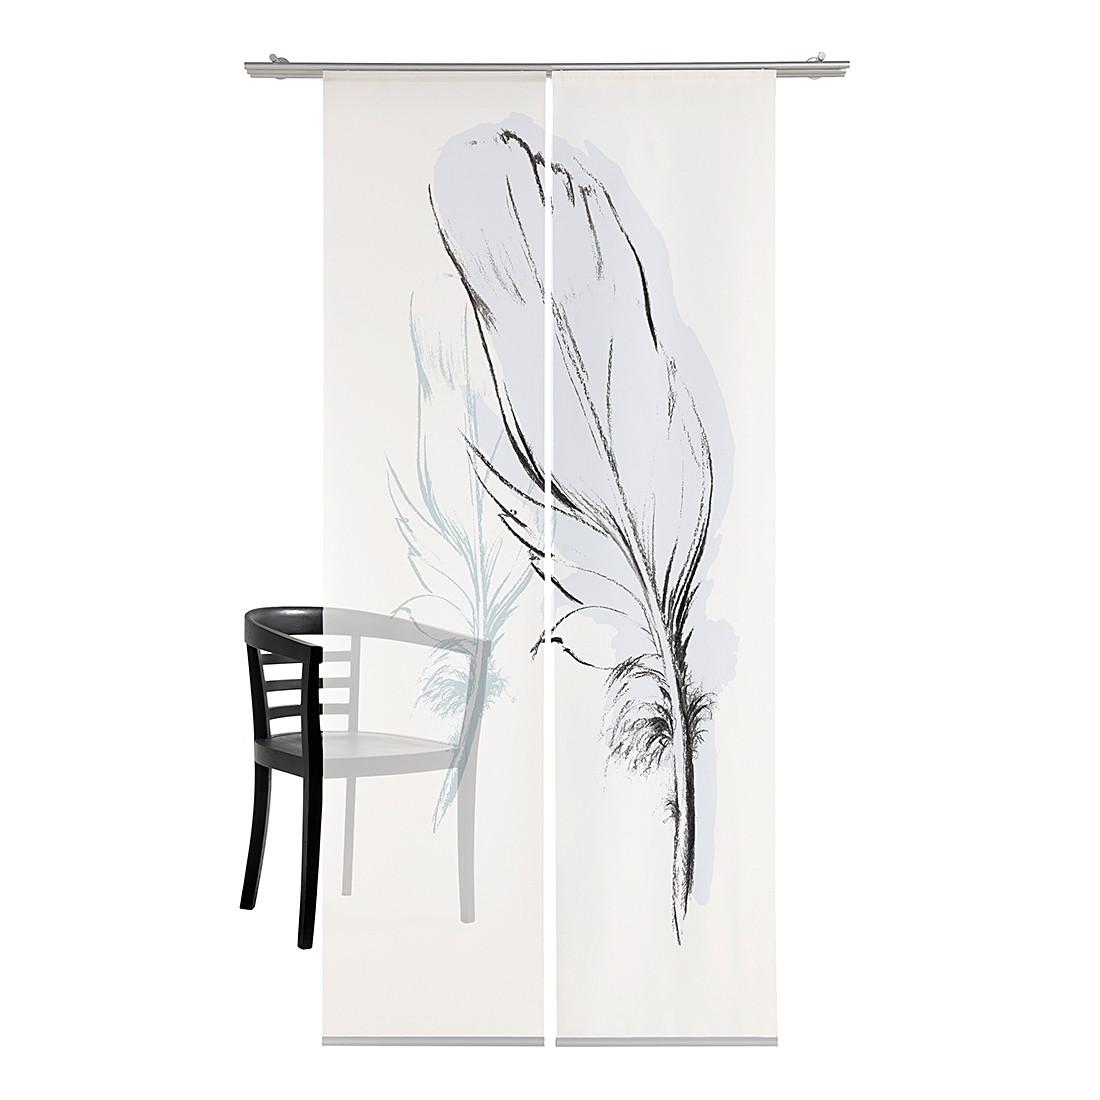 Flächenvorhang Konturfeder – Hellblau, emotion textiles jetzt kaufen